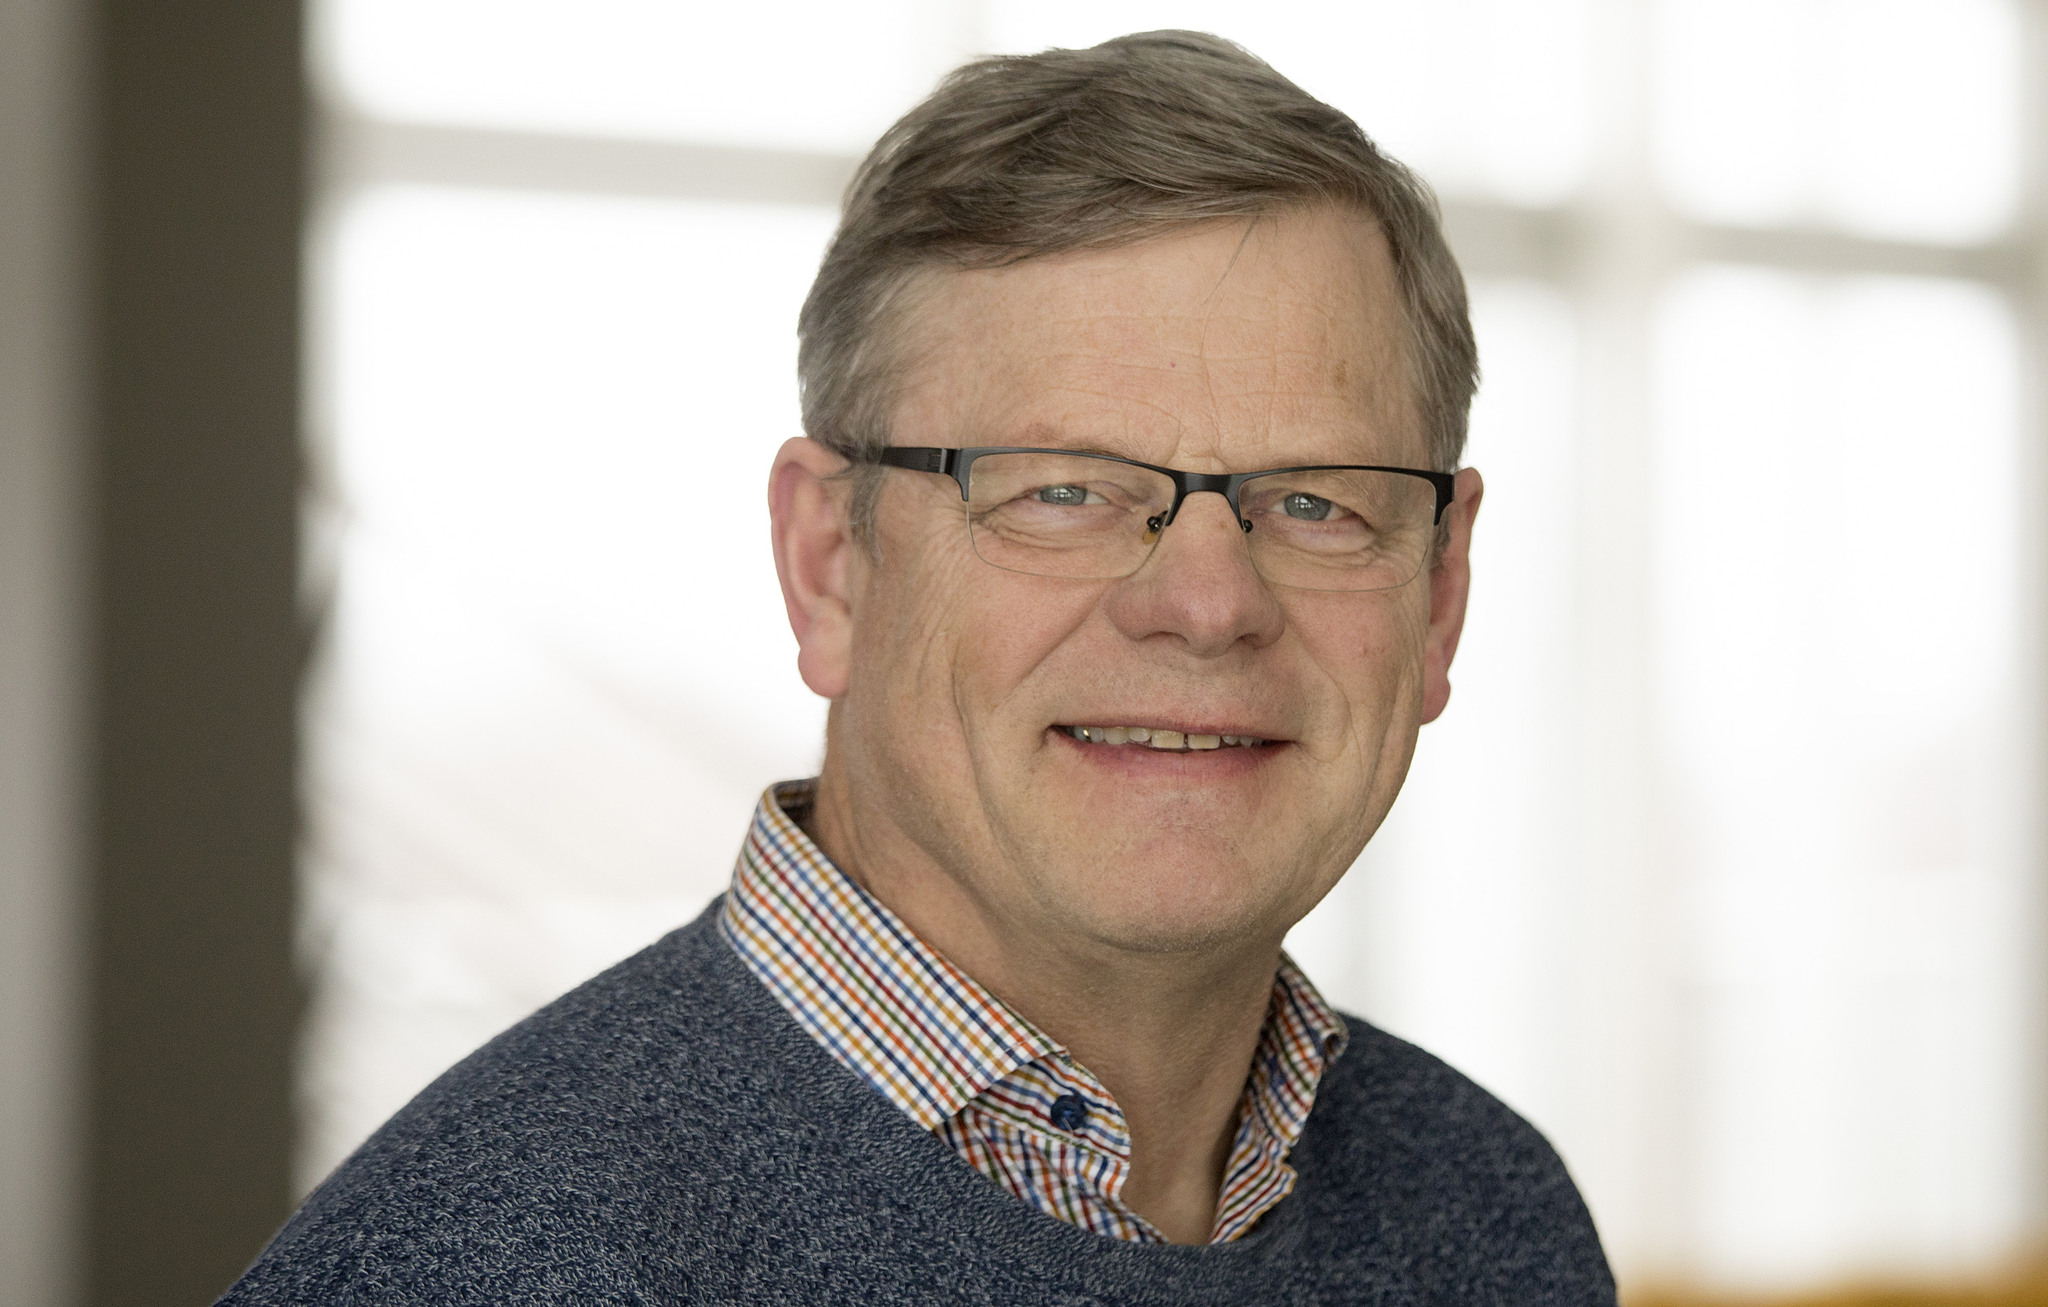 Södras skogsstrateg Göran Örlander tror inte att resultatet av Äbin har påverkats genom att den mystiska tallplantsjukan har klassats som viltbete.